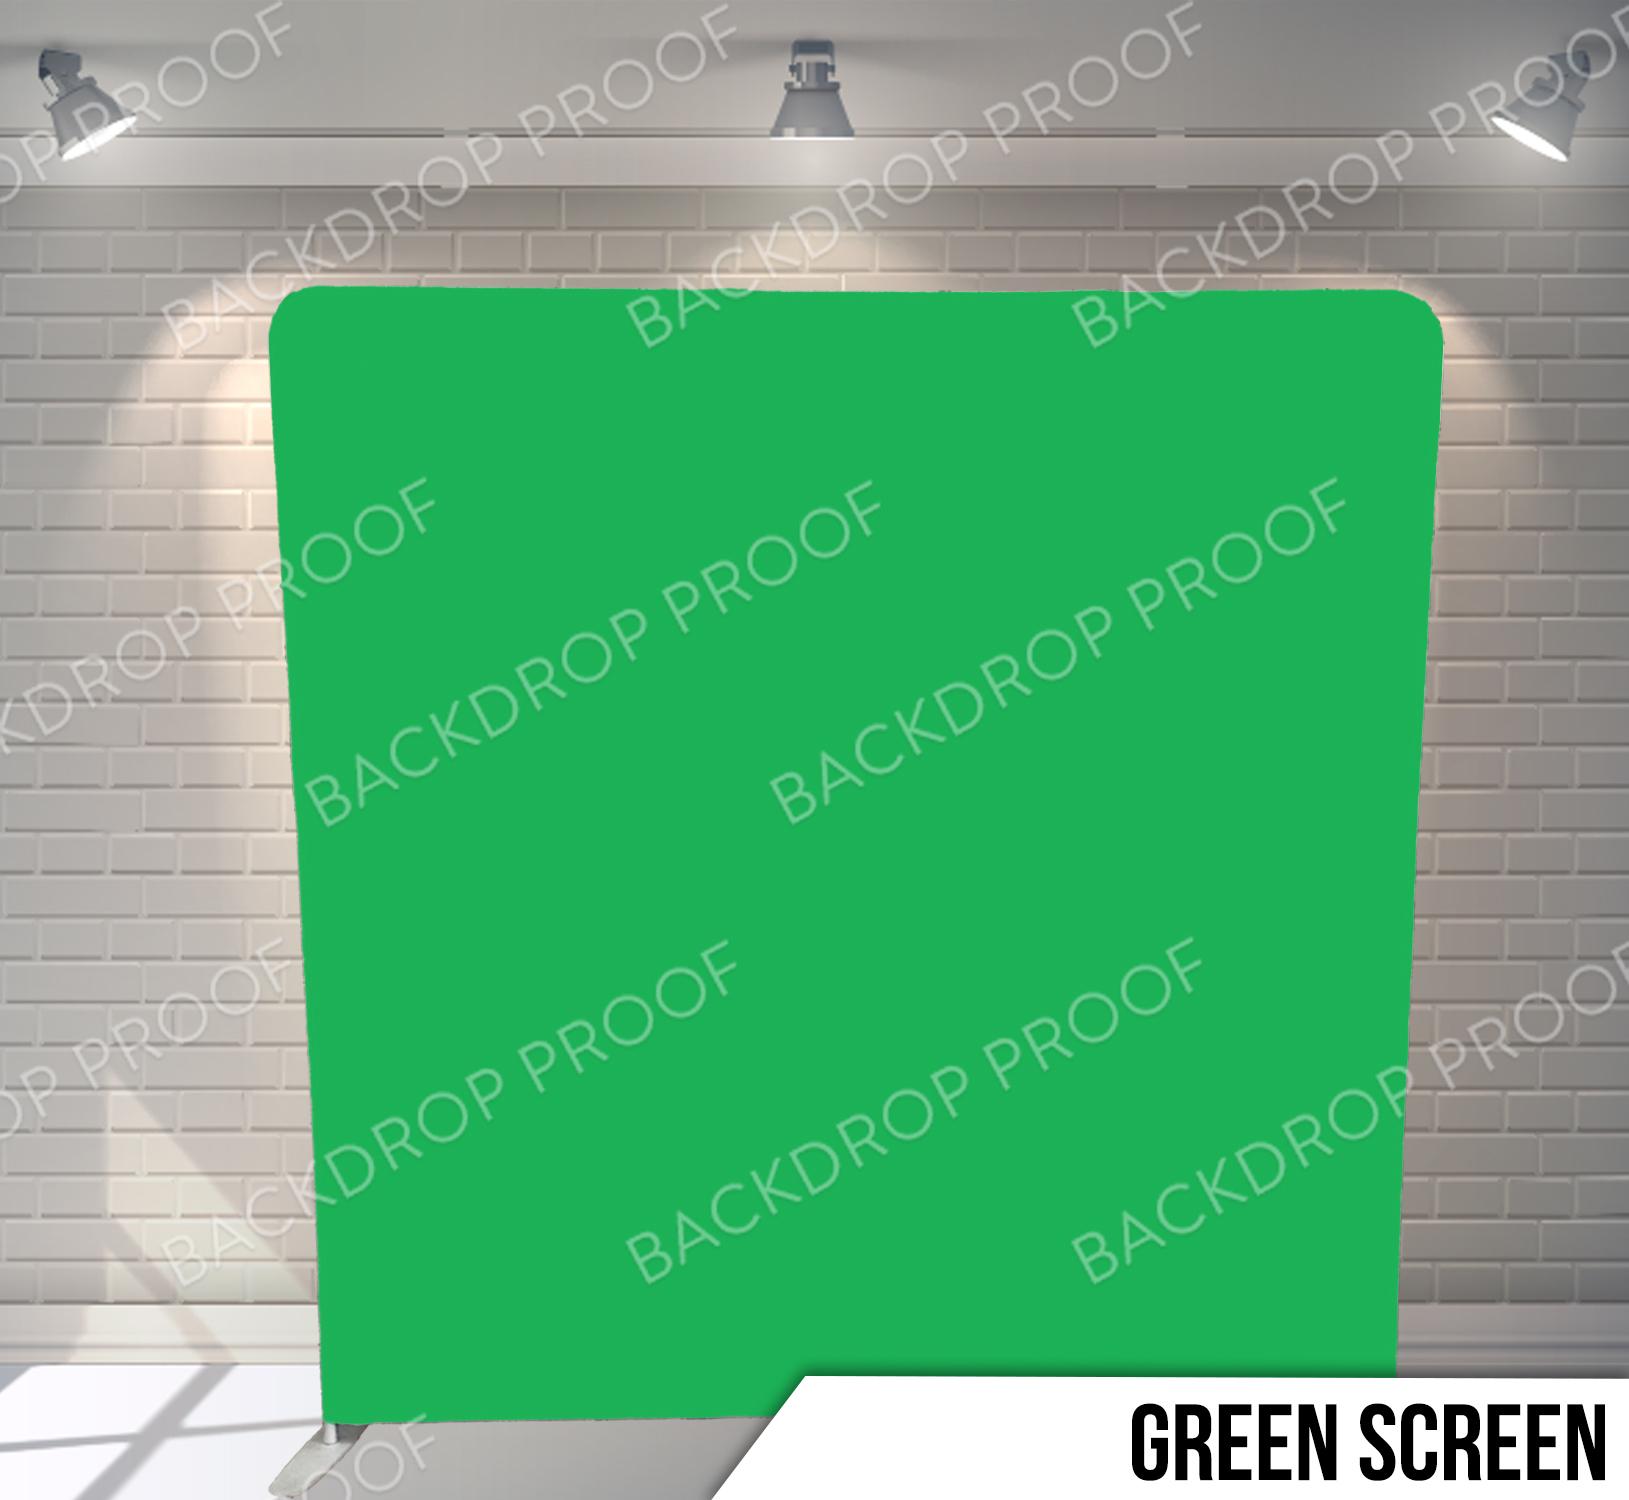 Pillow_GreenScreen_G - Copy.jpg